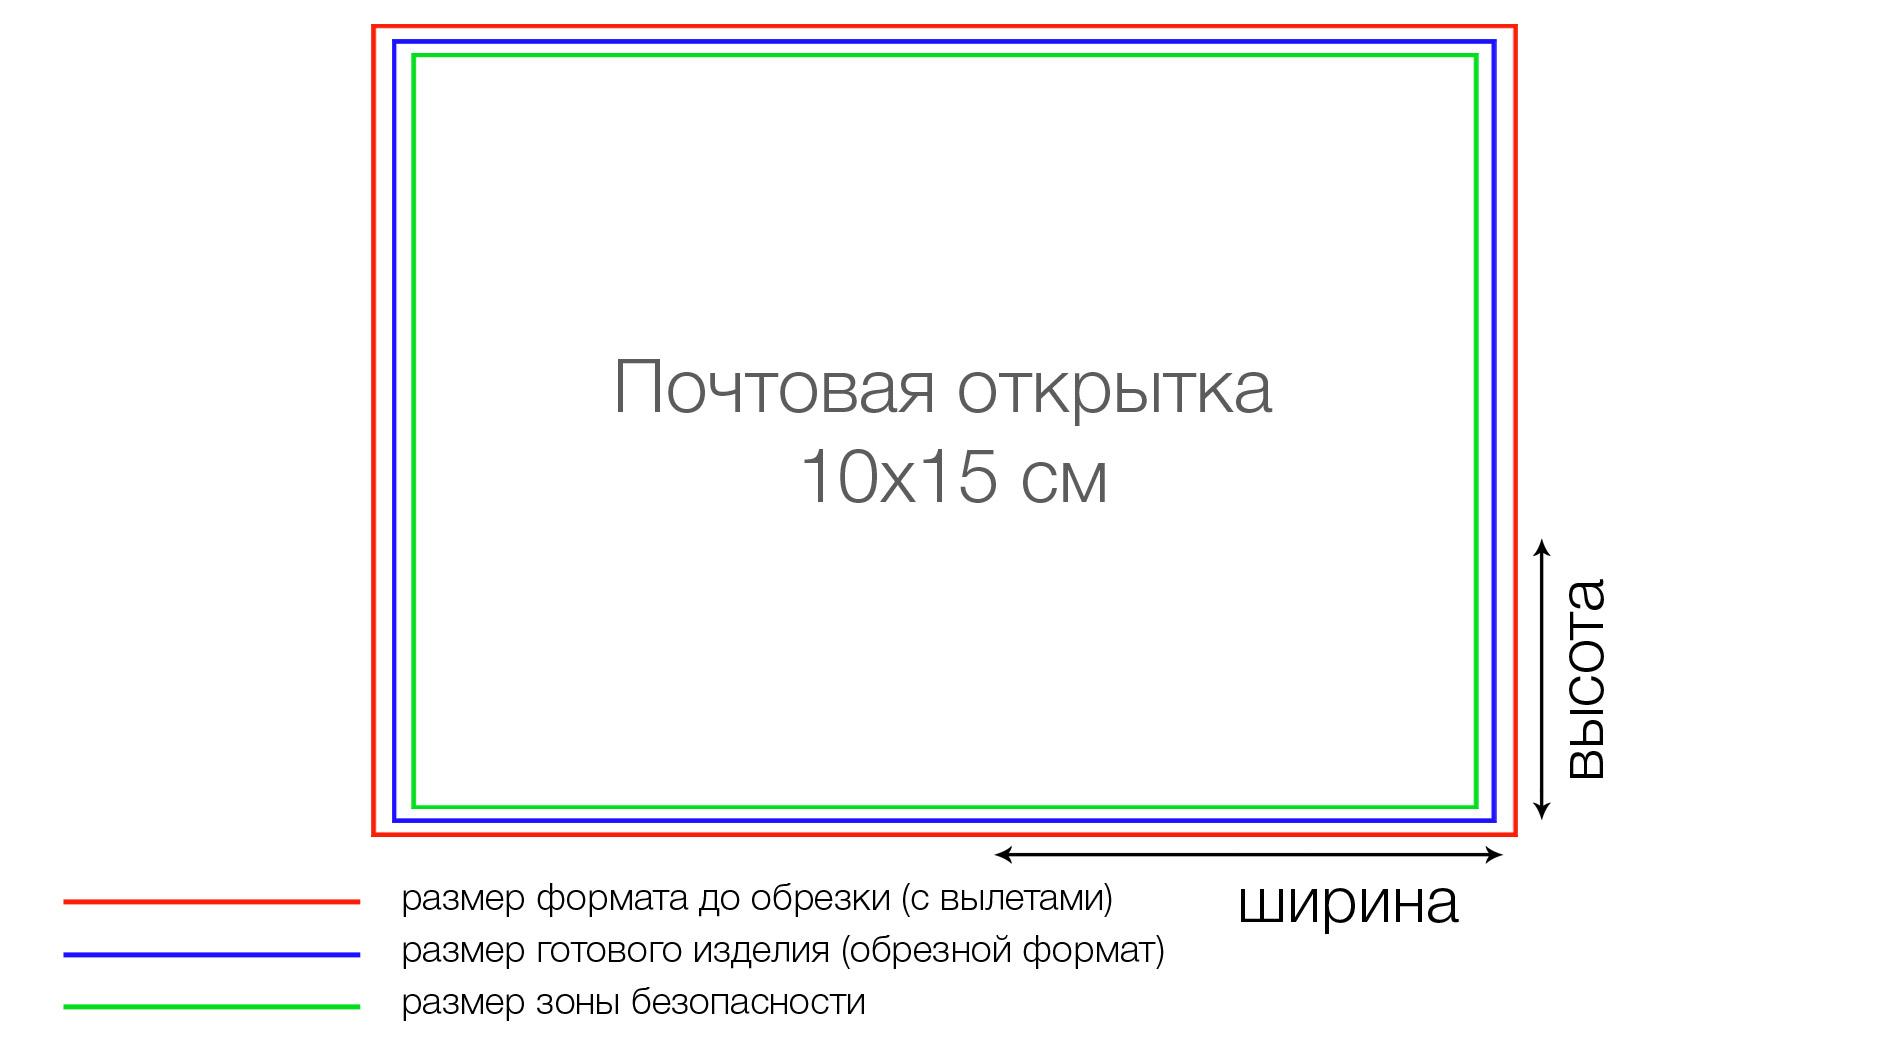 Стандартный формат открыток почтовых